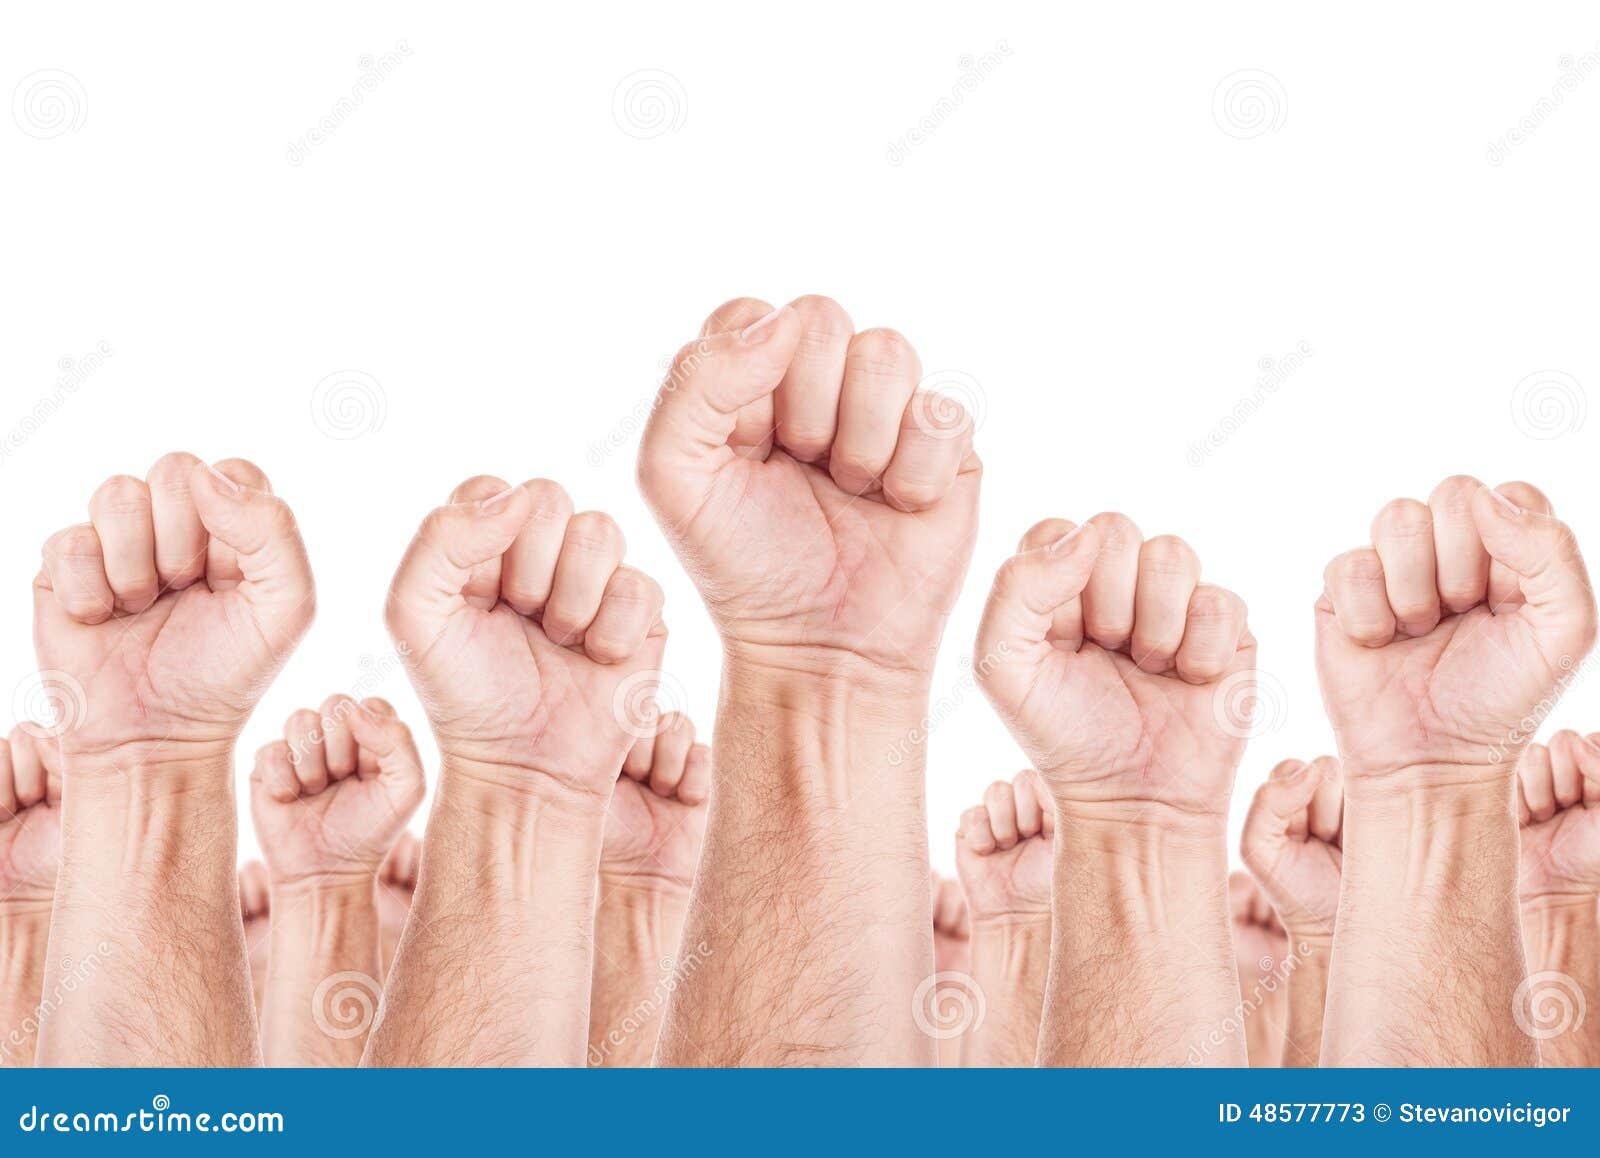 Movimento Labour, greve do sindicato dos trabalhadores